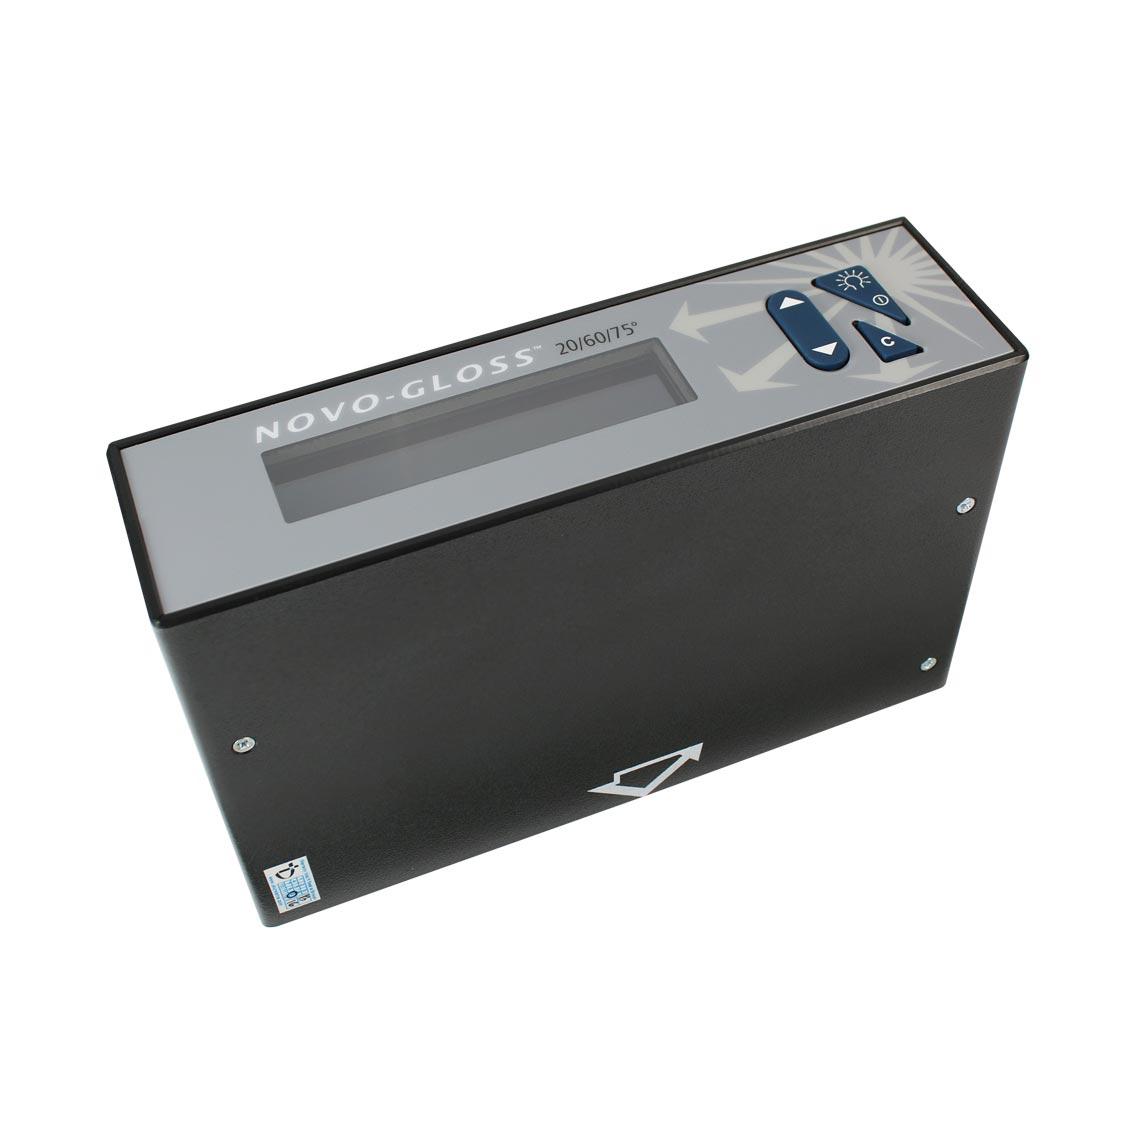 Rhopoint 206075 glossmeter